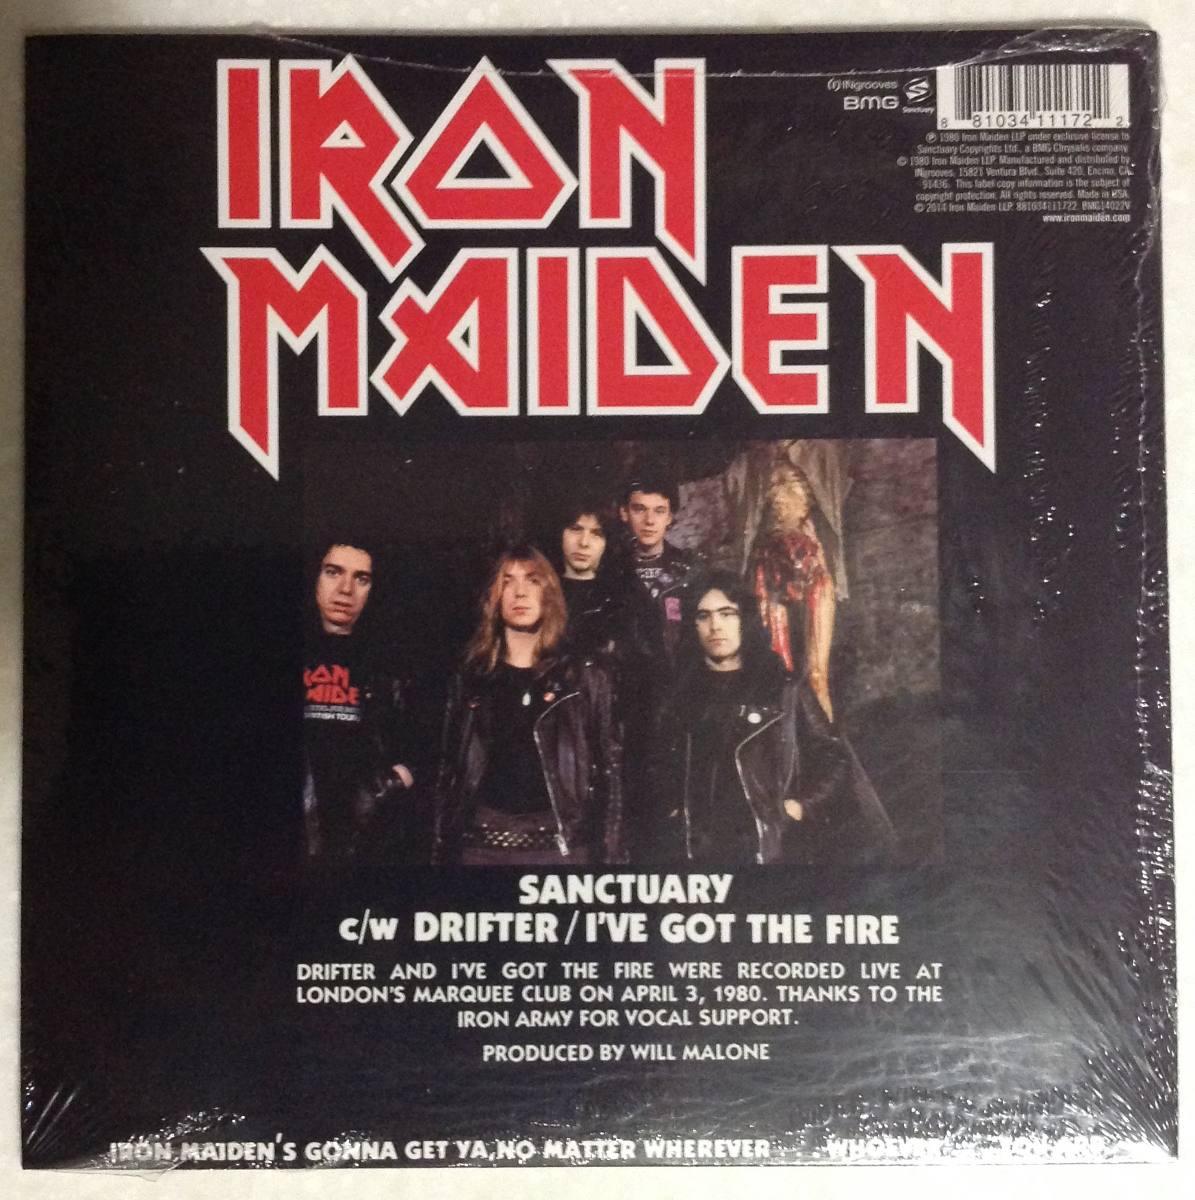 Iron Maiden - Sanctuary (vinyl Single, 2014) - $ 320.00 en